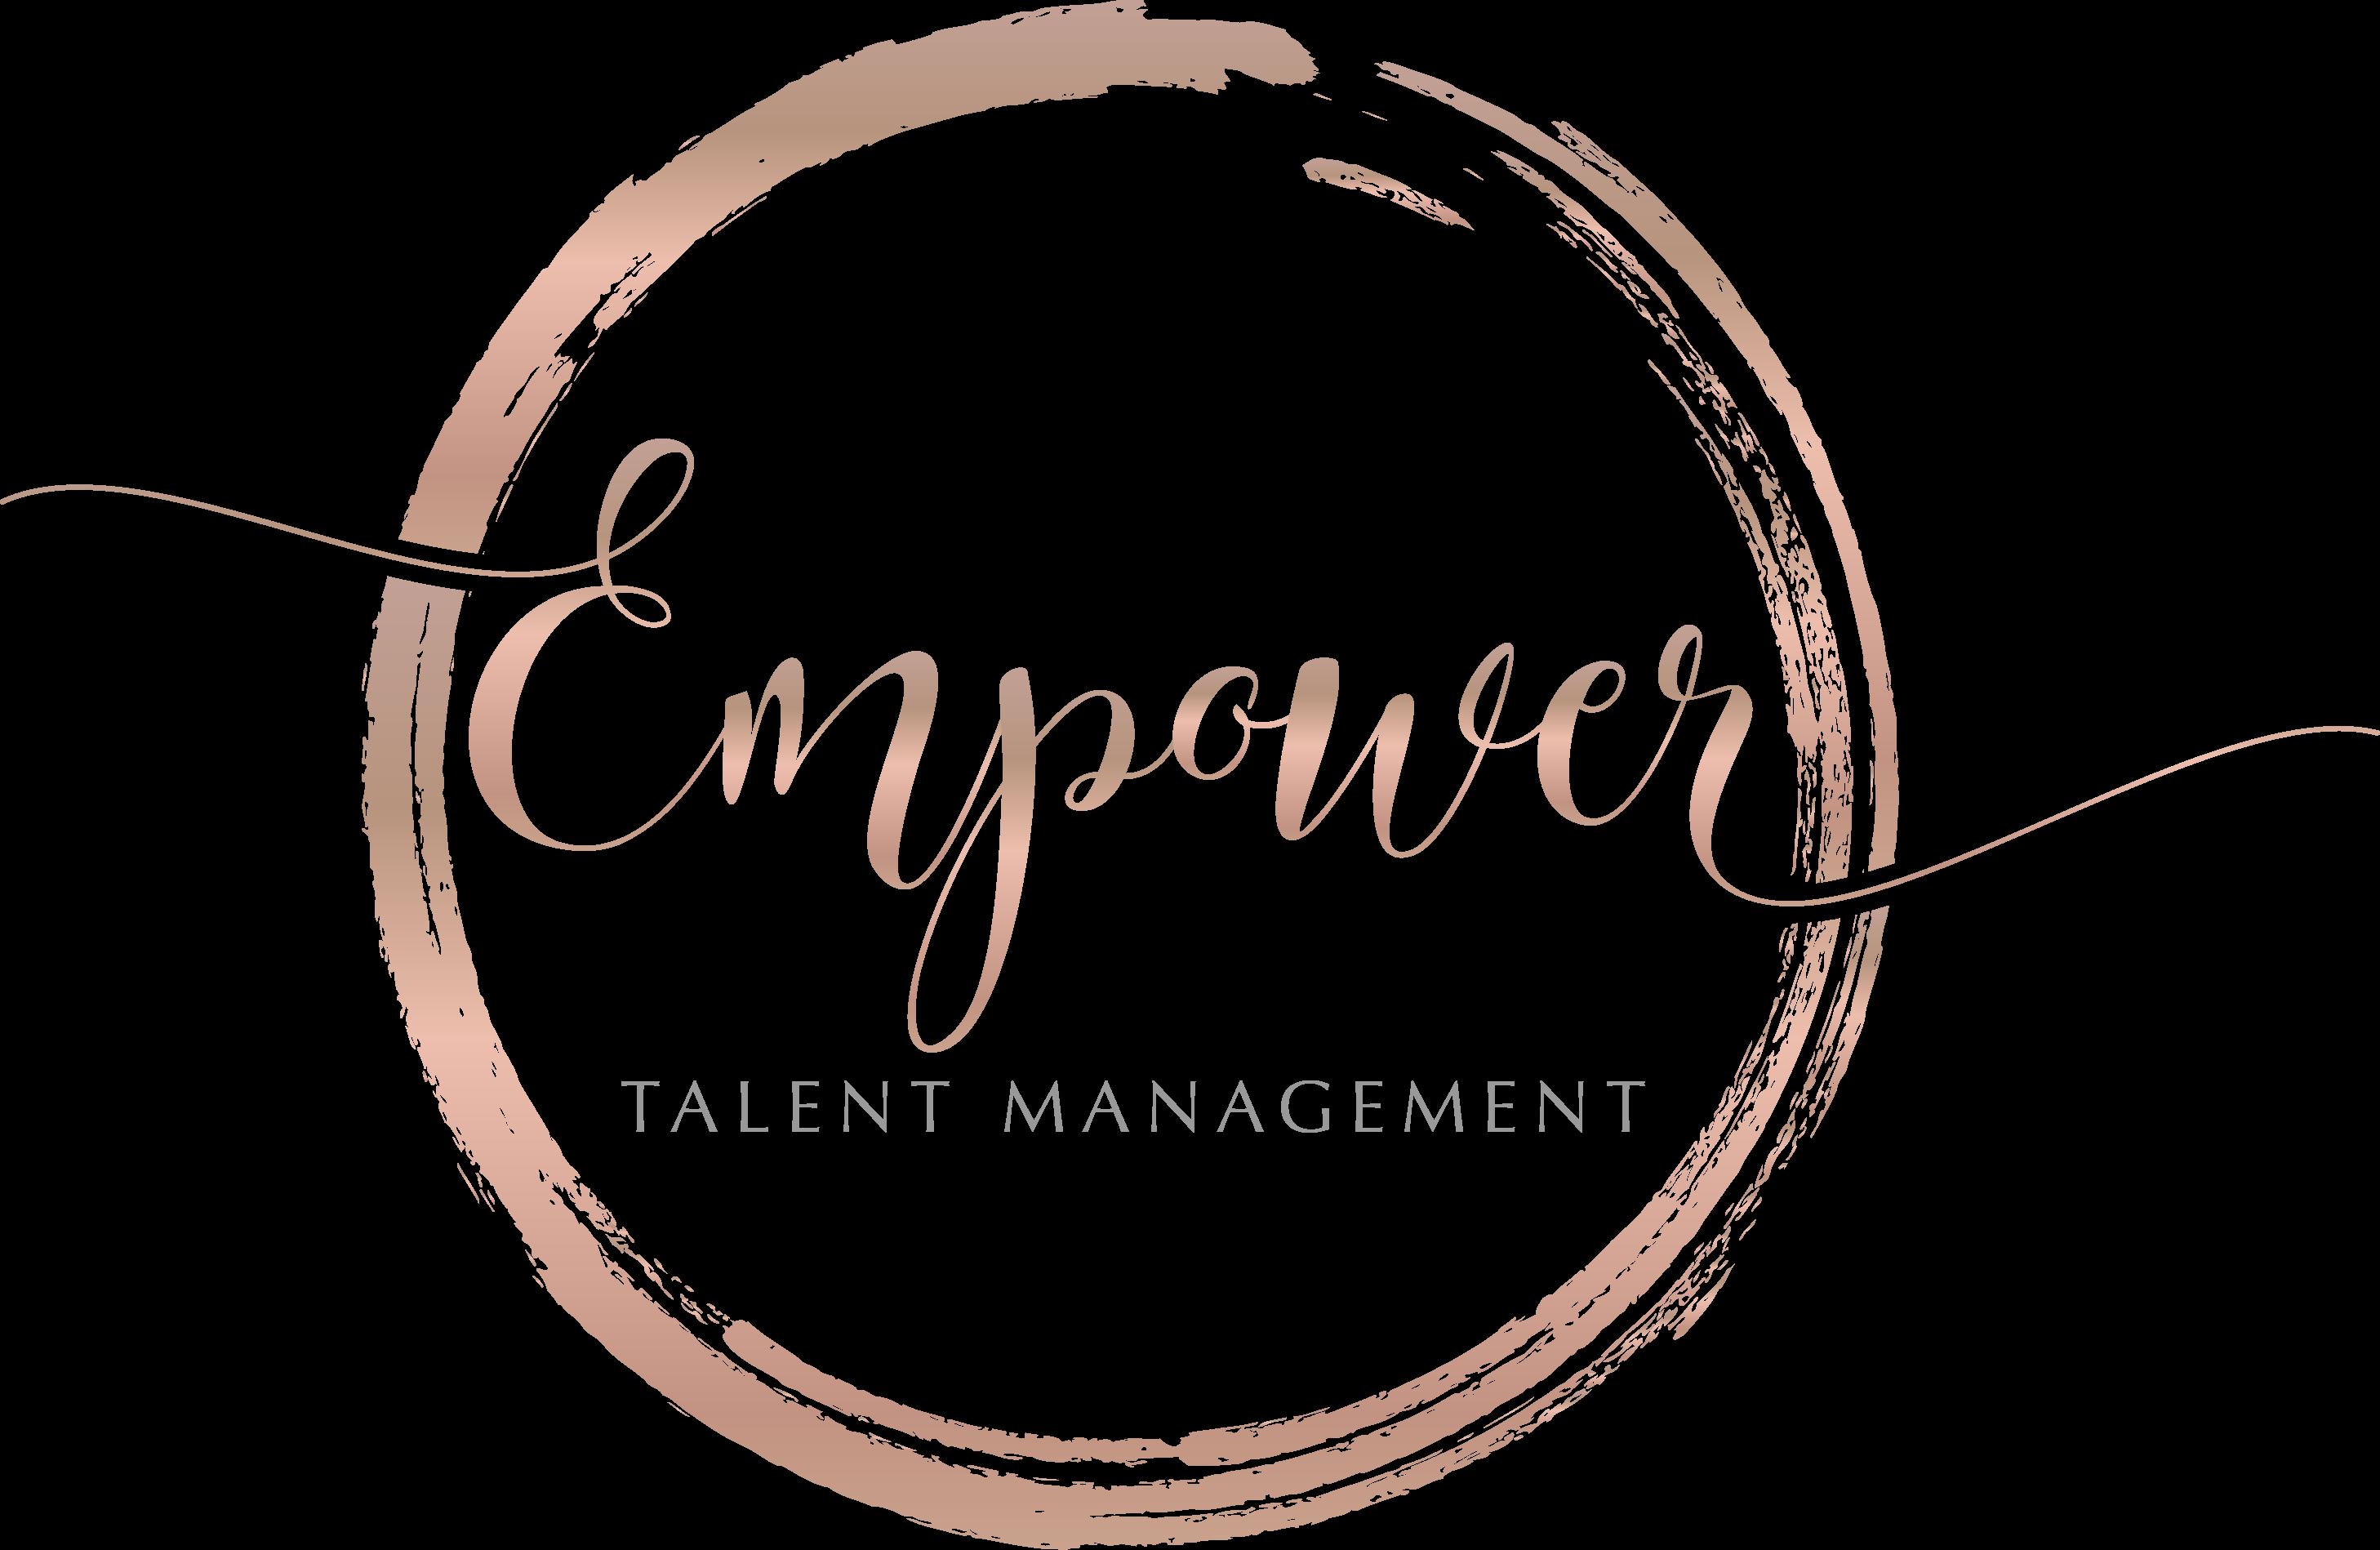 Empower Talent Management